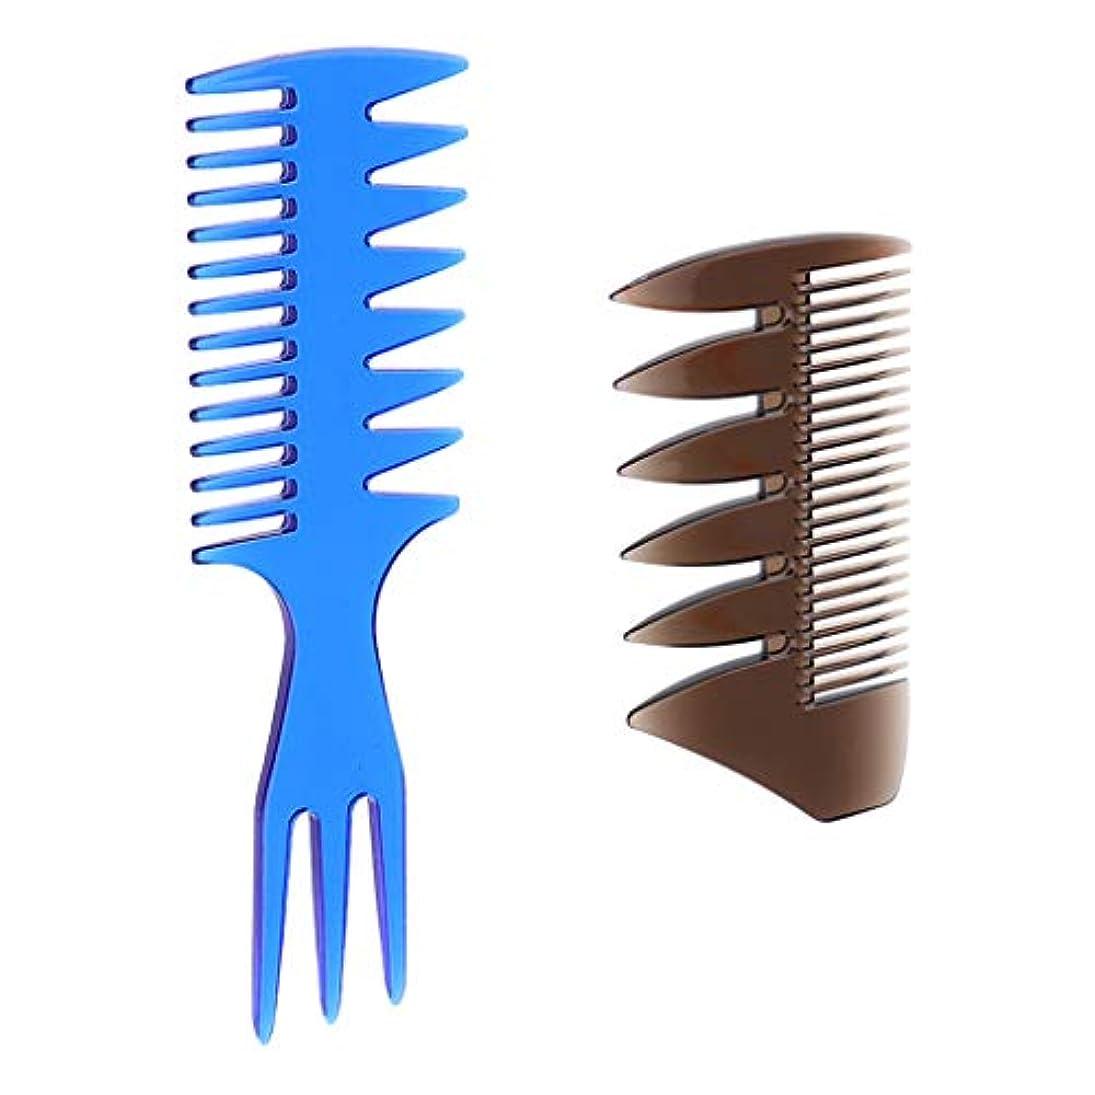 漏斗海藻ディスコ3-in-1櫛 2-in-1櫛 ヘアサロン 髪の櫛 静電気防止櫛 2個